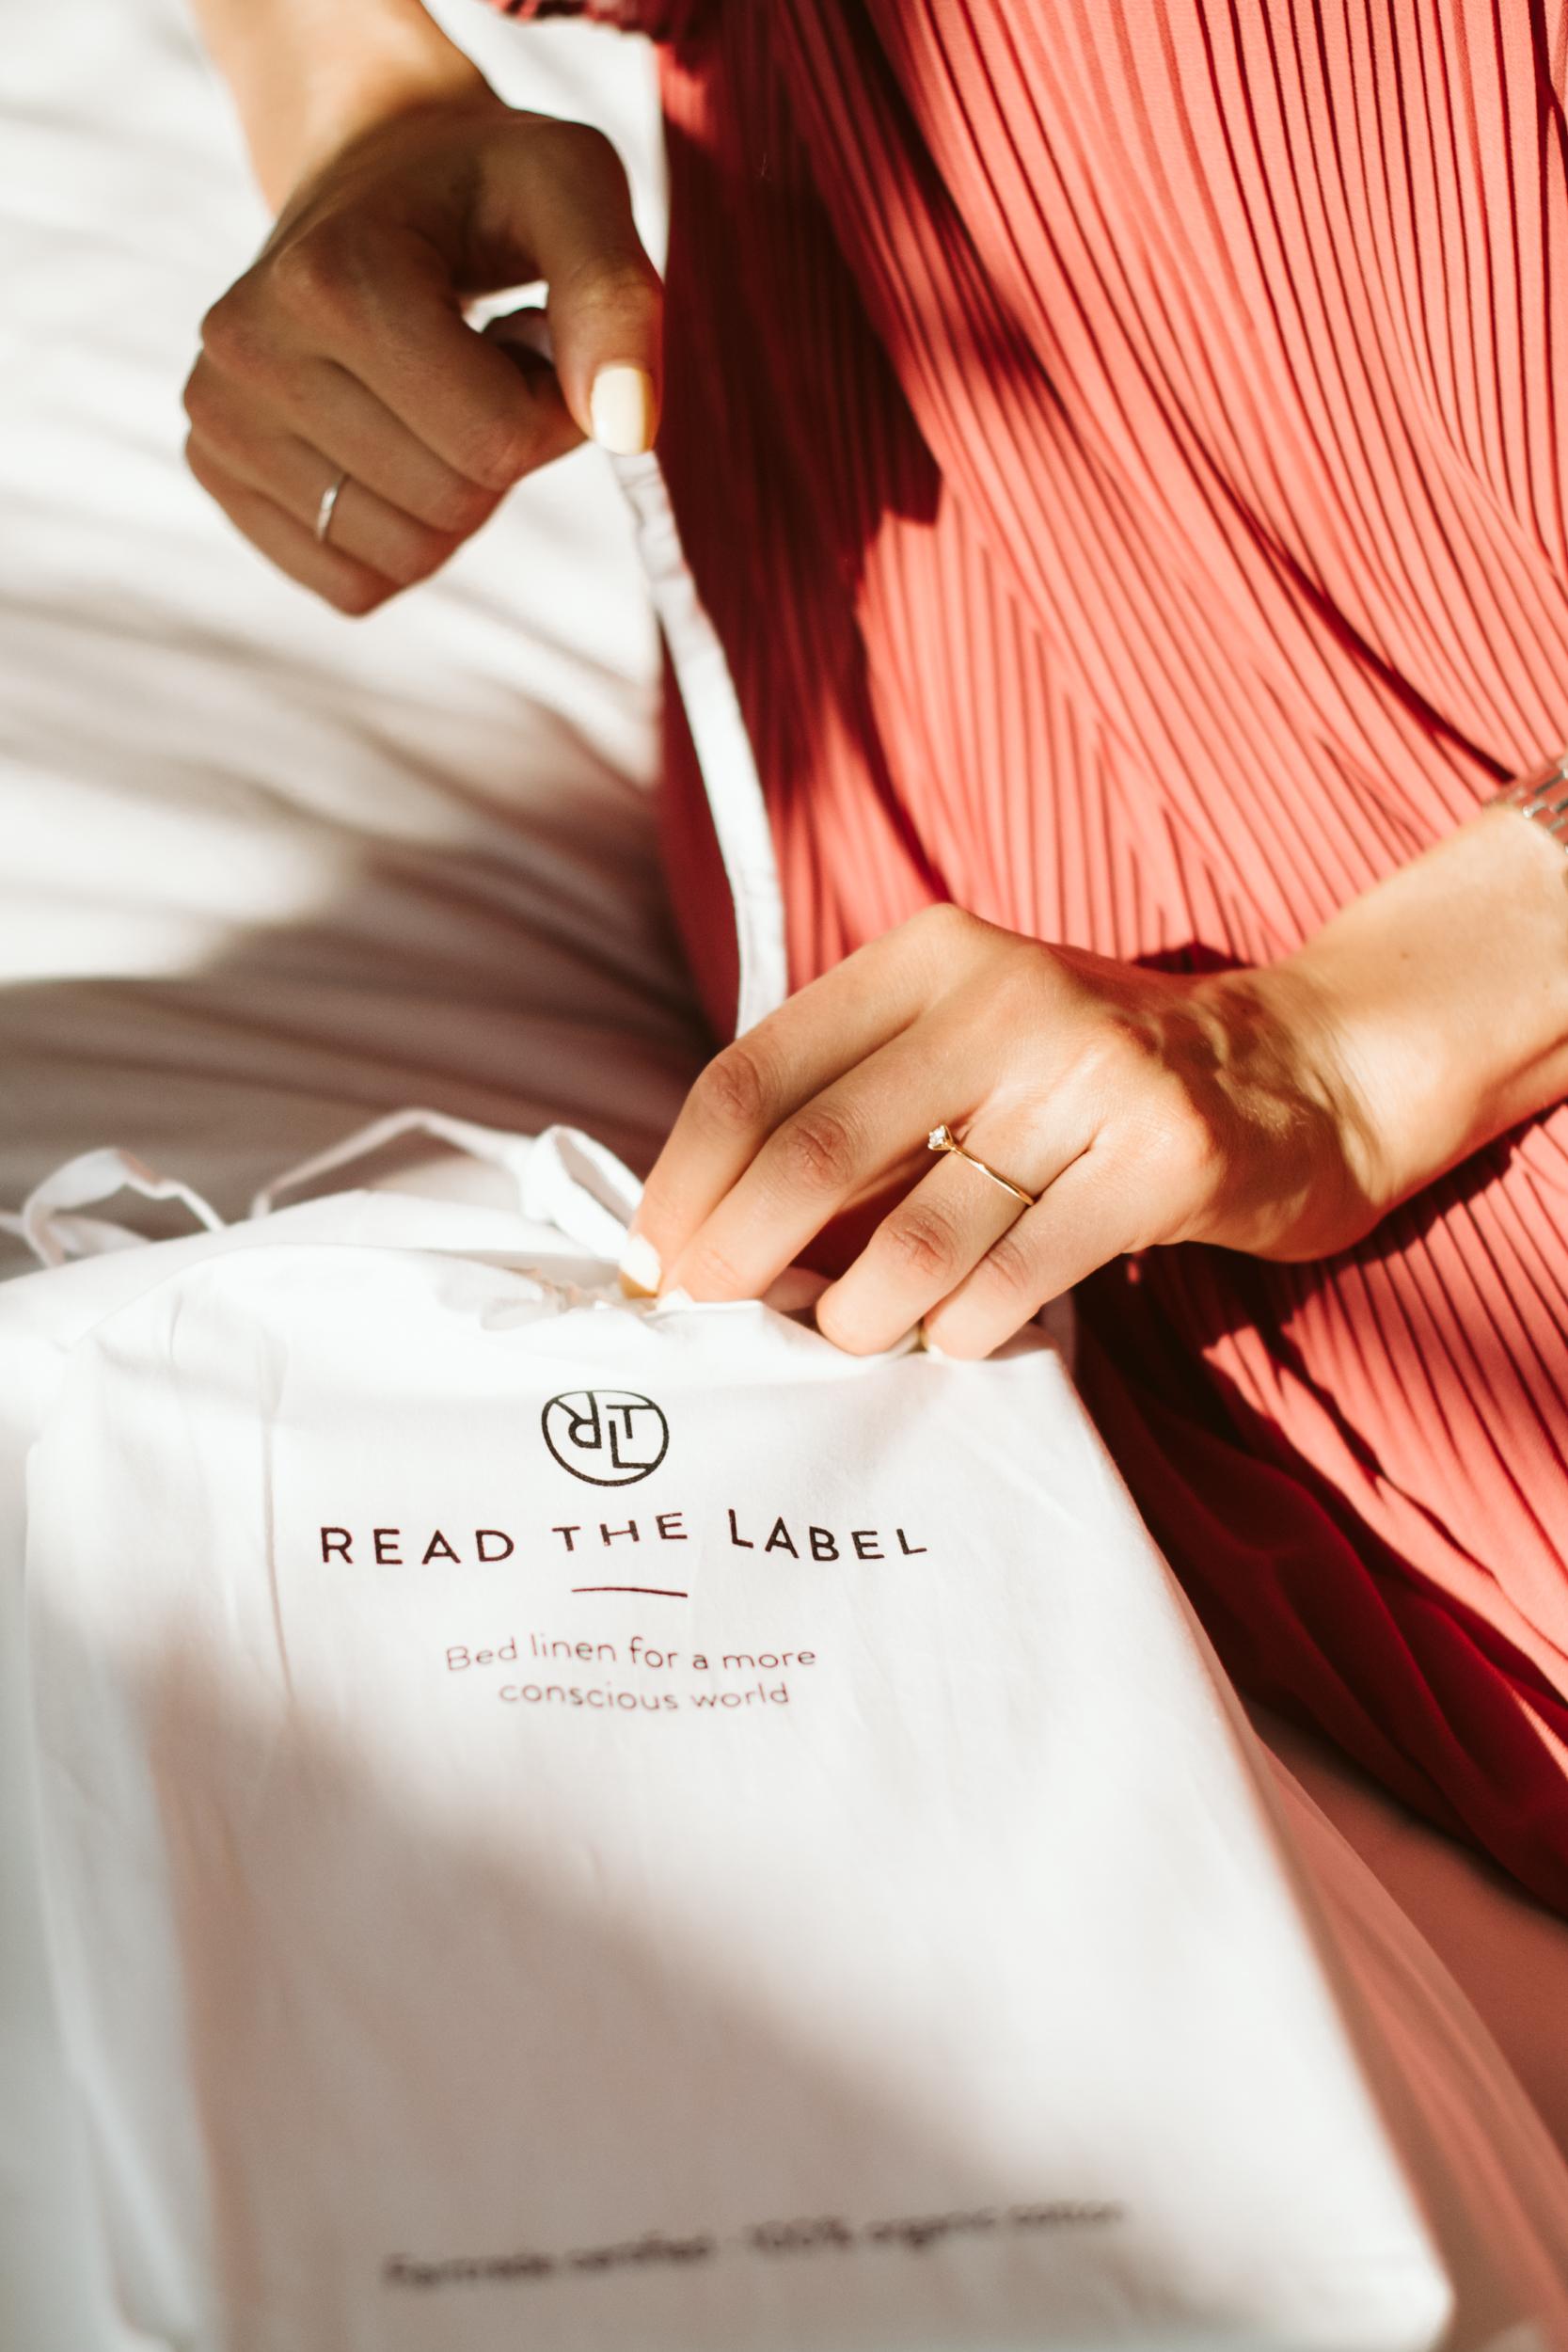 read-the-label-fotograf-nadja-endler-6452.jpg